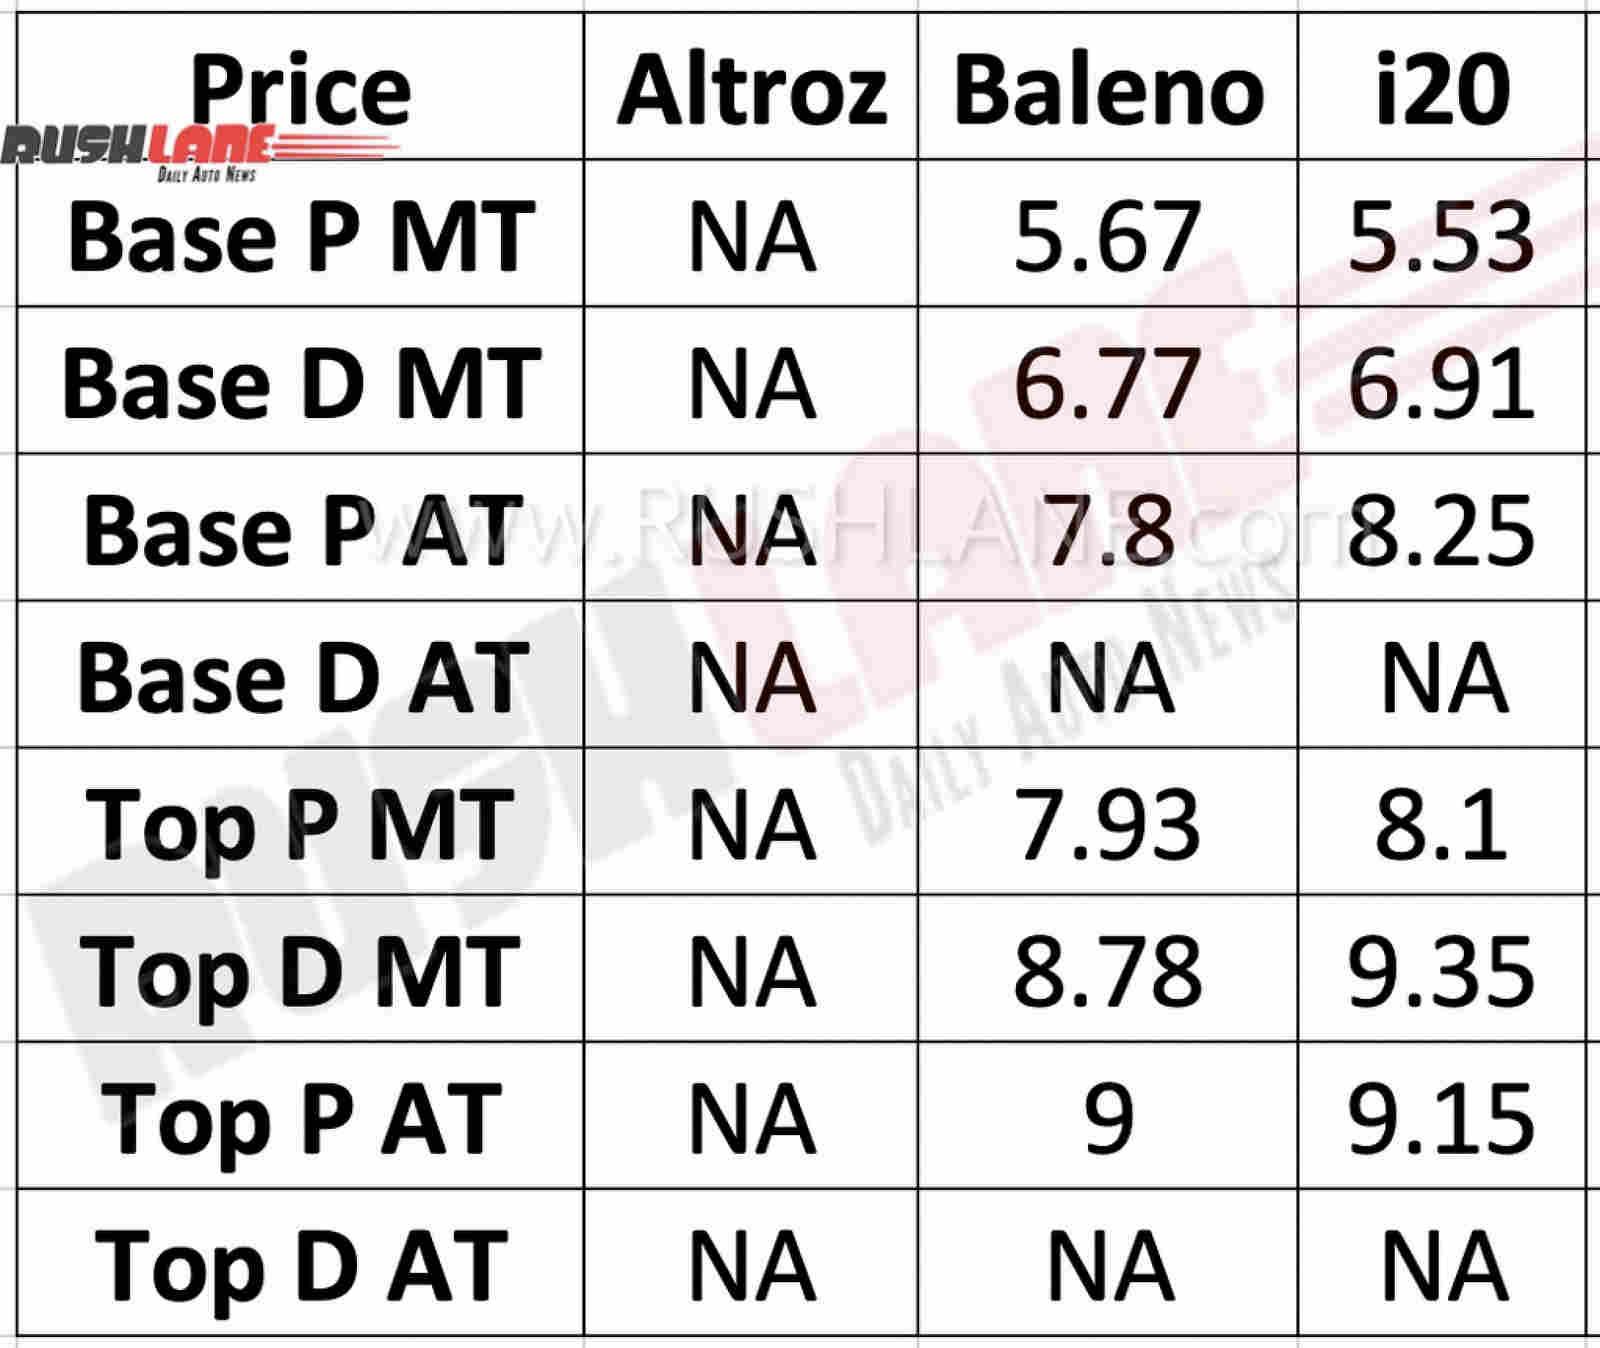 Maruti Baleno vs Tata Altroz vs Hyundai i20